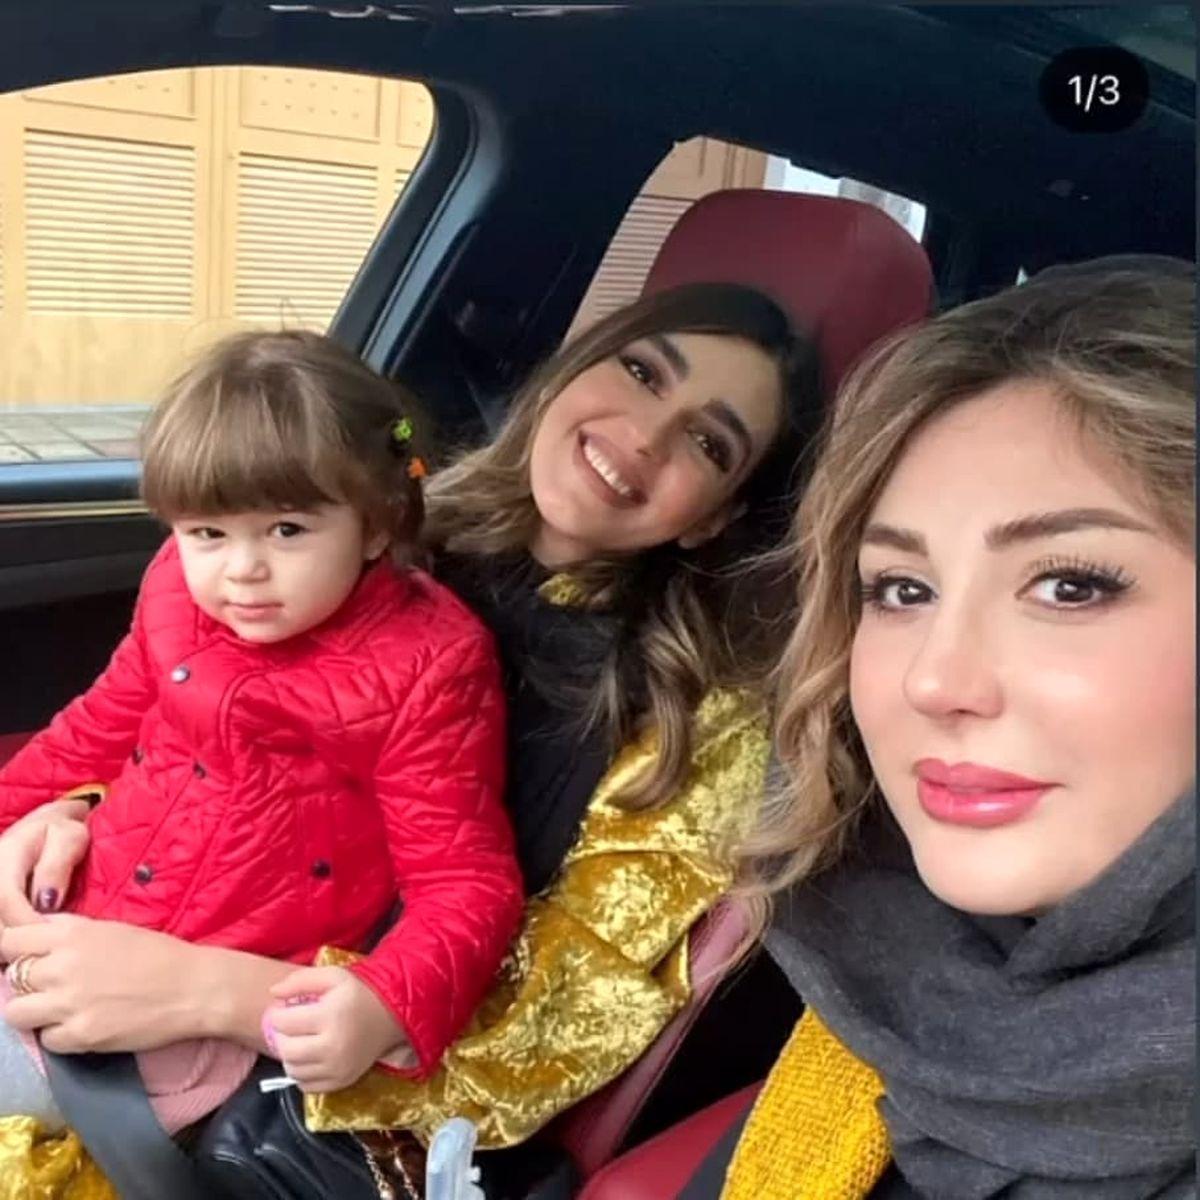 دور دورِ نیوشا ضیغمی و دخترش با خودری میلیاردی اش + عکس